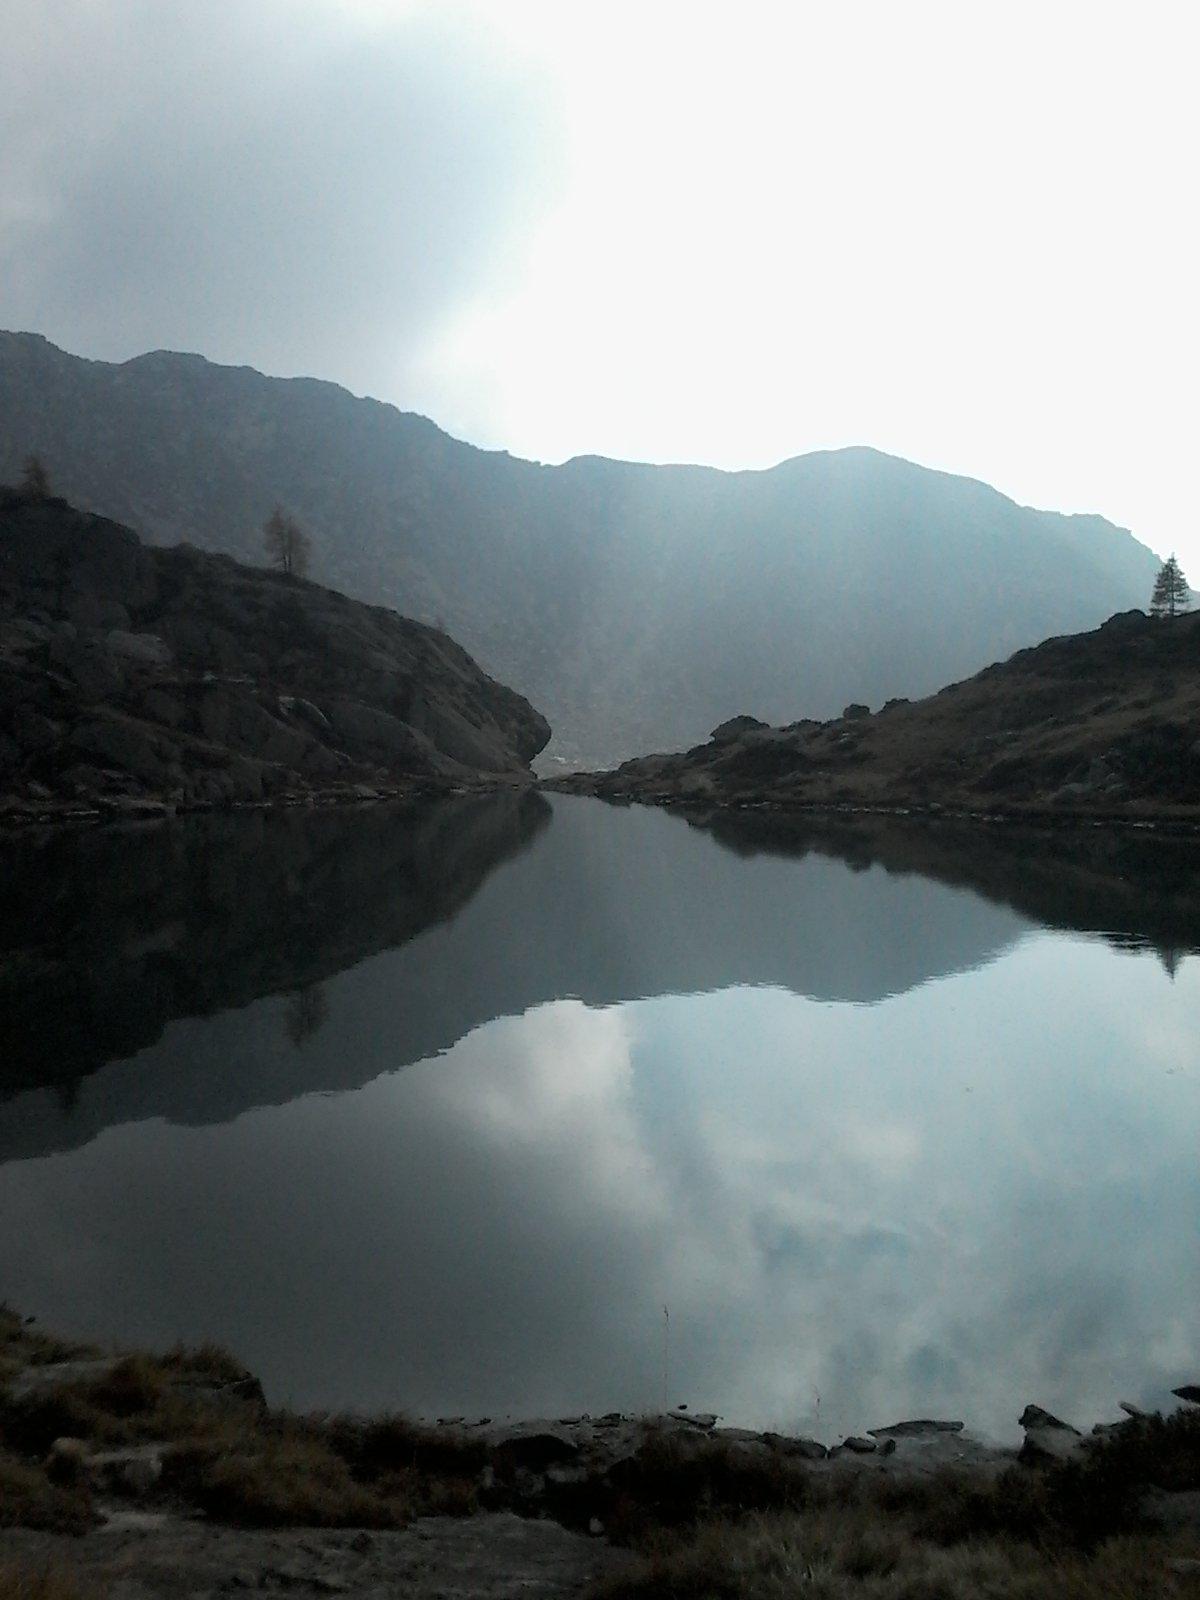 Il Secondo Lago di Canaussa